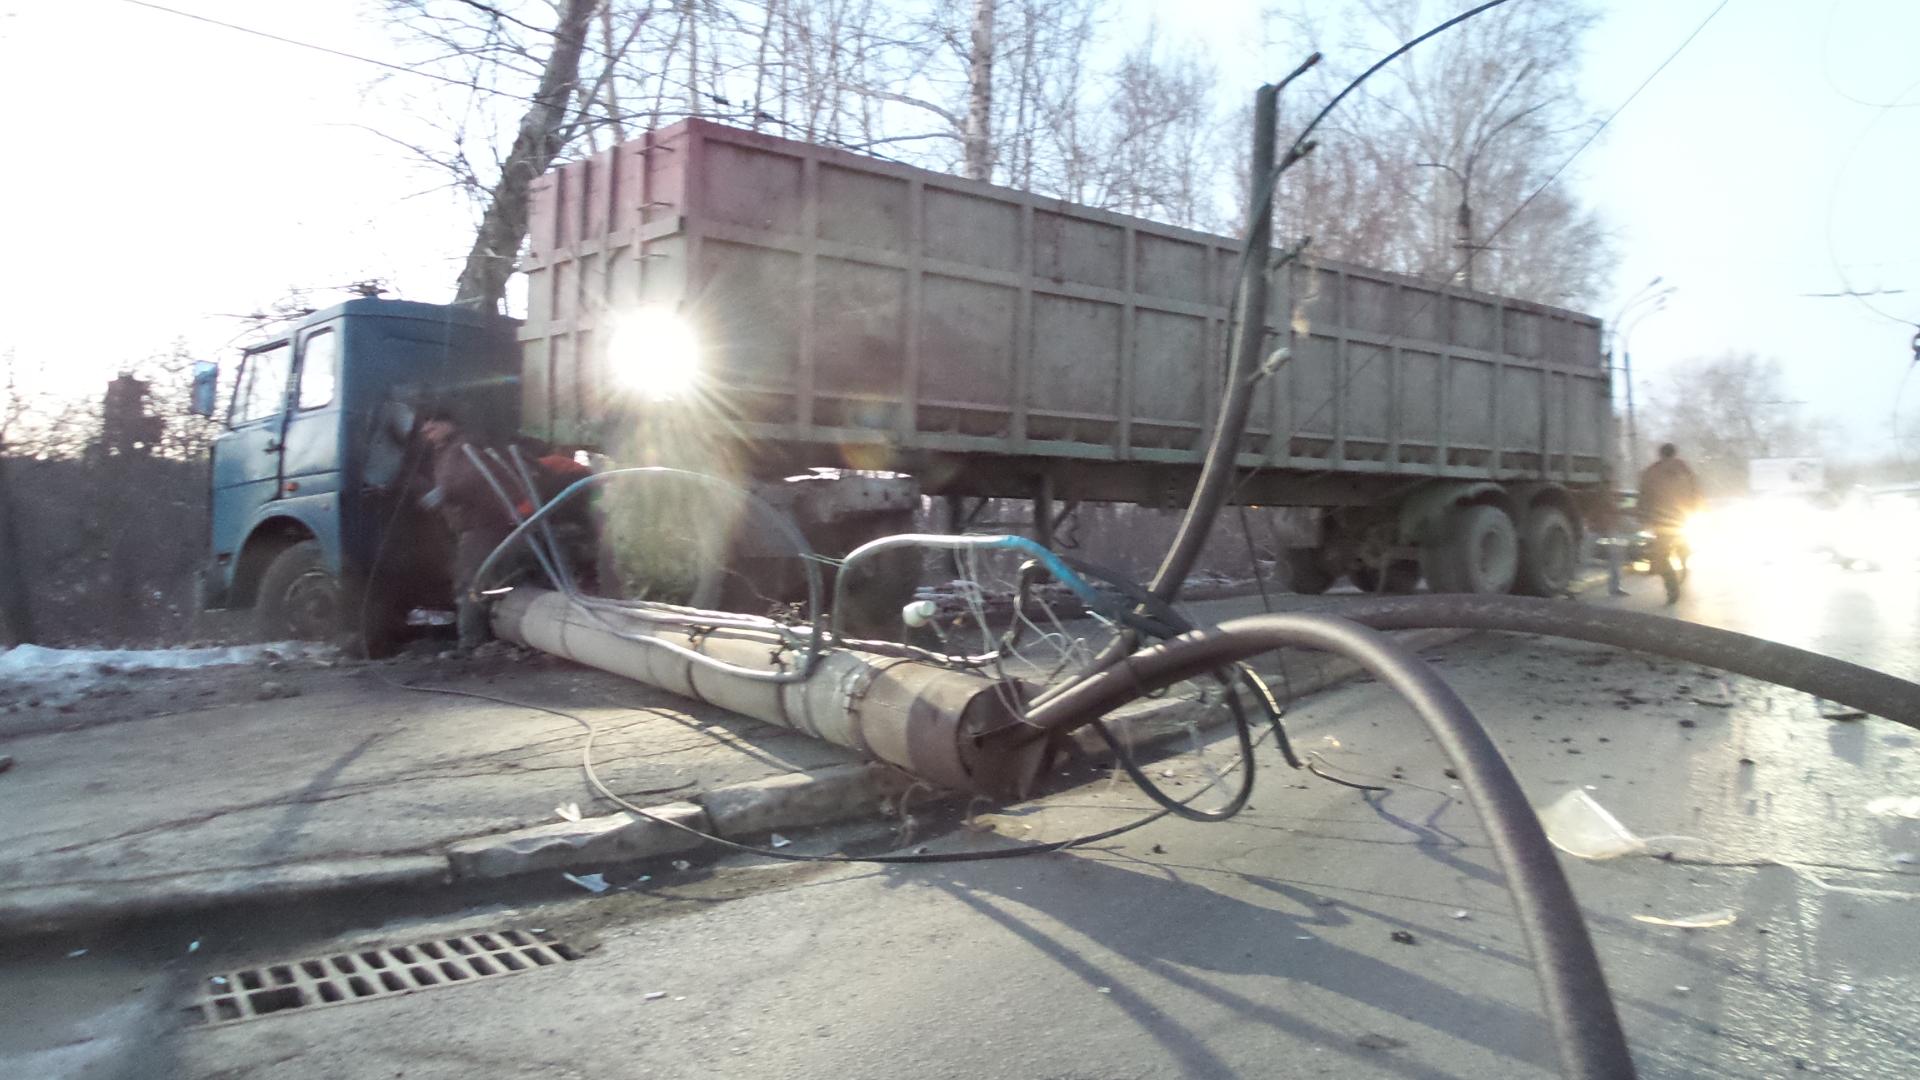 На Щербакова грузовик завалил столб на дорогу и врезался в дерево